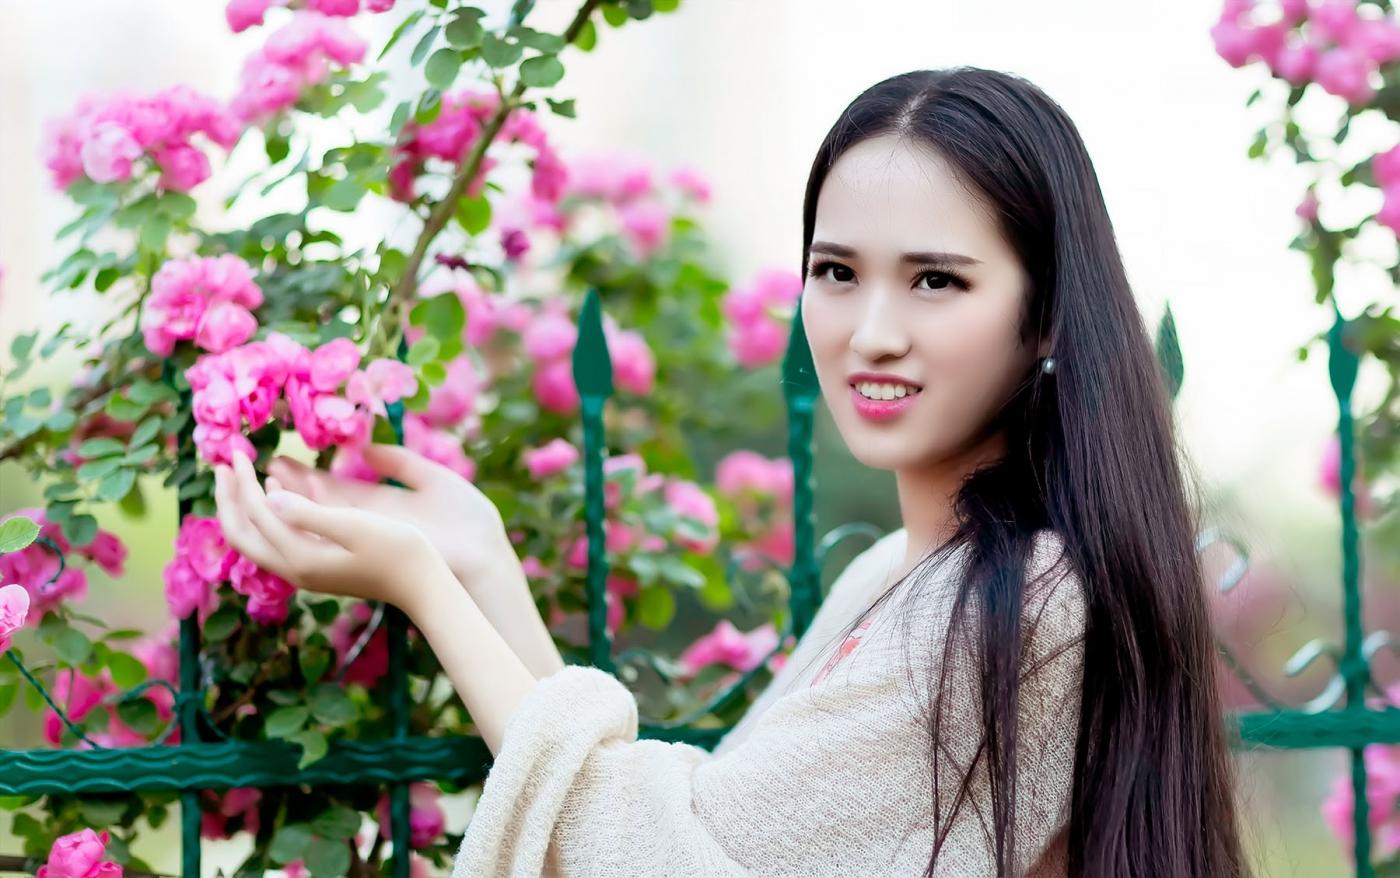 蔷薇·阳光·女孩 去见你想见的人吧_图1-18